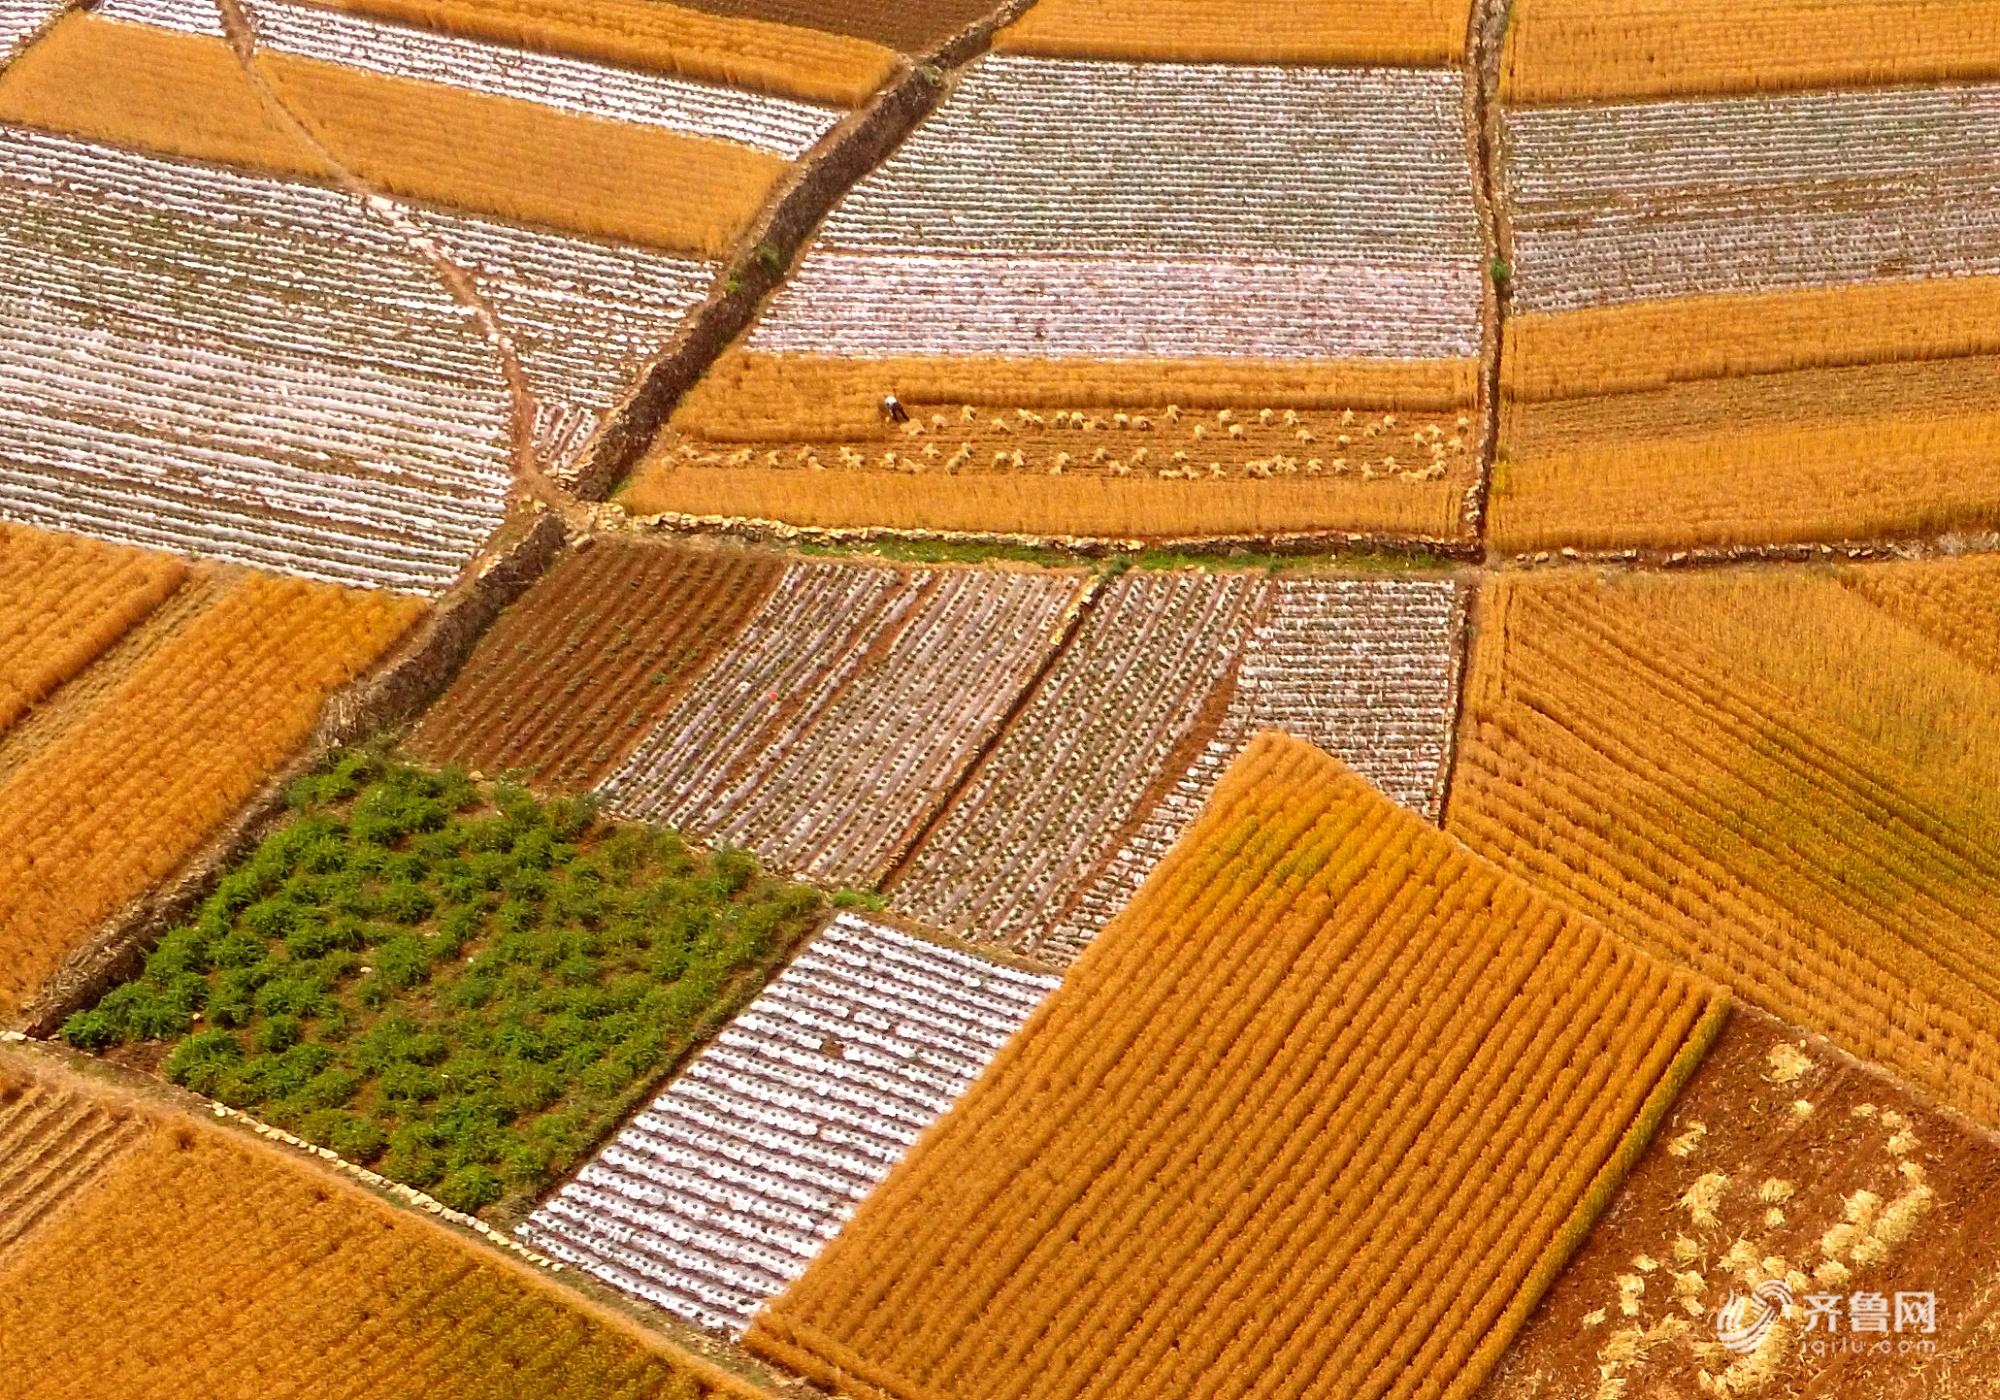 山东临沂:小麦进入收获期 大地上金黄一片